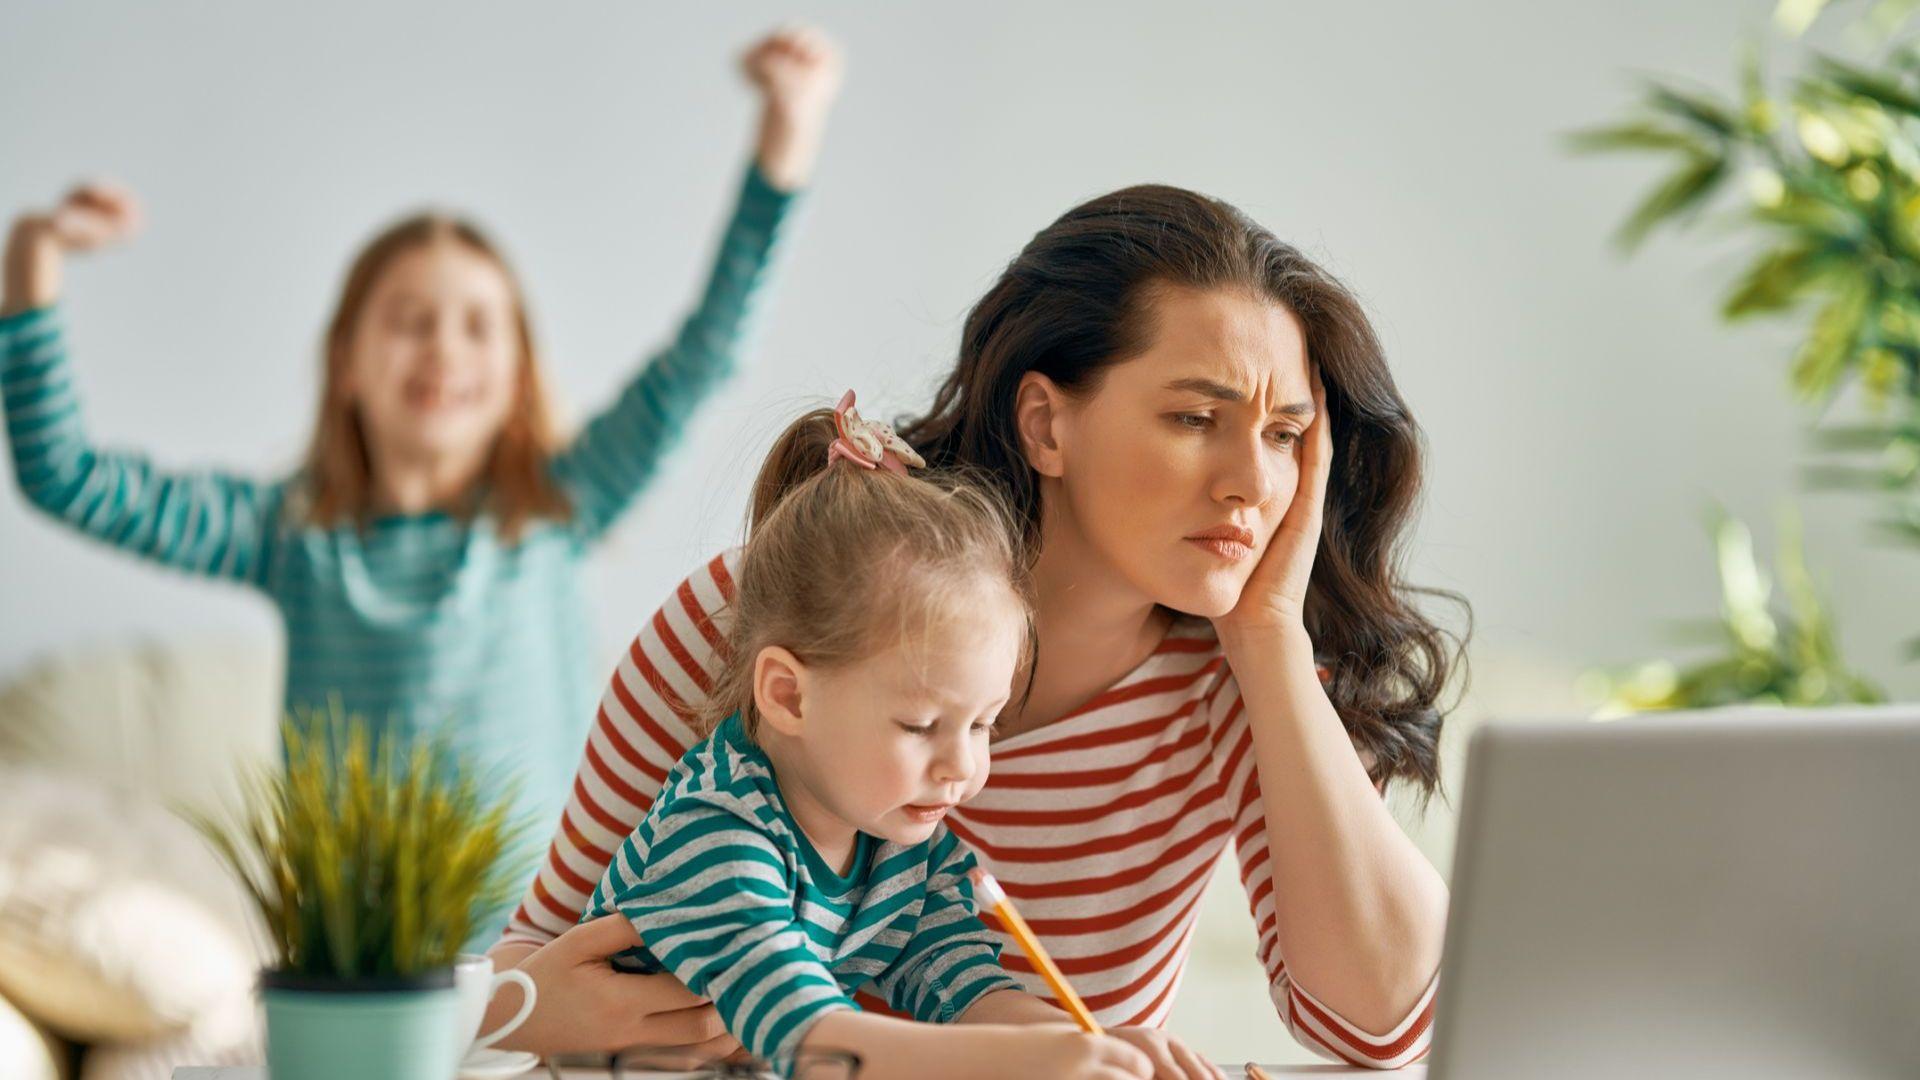 Уроци от хоумофиса: Как да направим работата от вкъщи едновременно ефективна и приятна докато водим спор с детето къде живеят Марсианците?